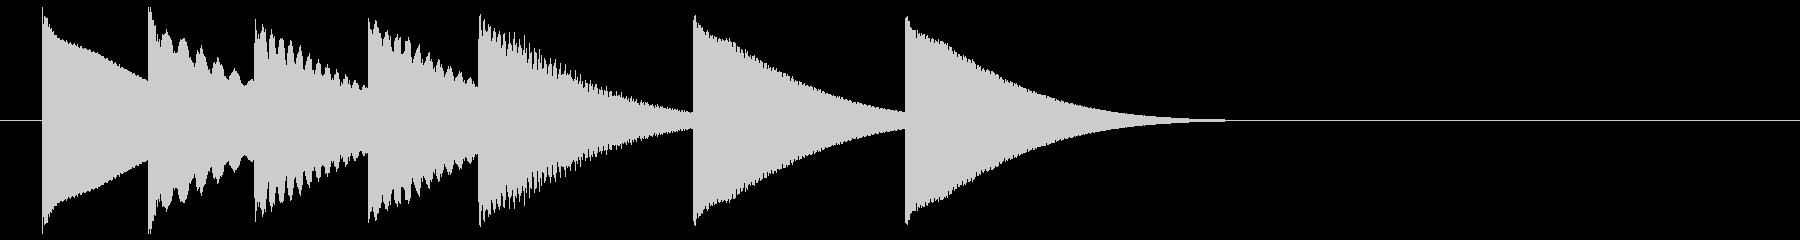 可愛いポップなベルのジングル③の未再生の波形